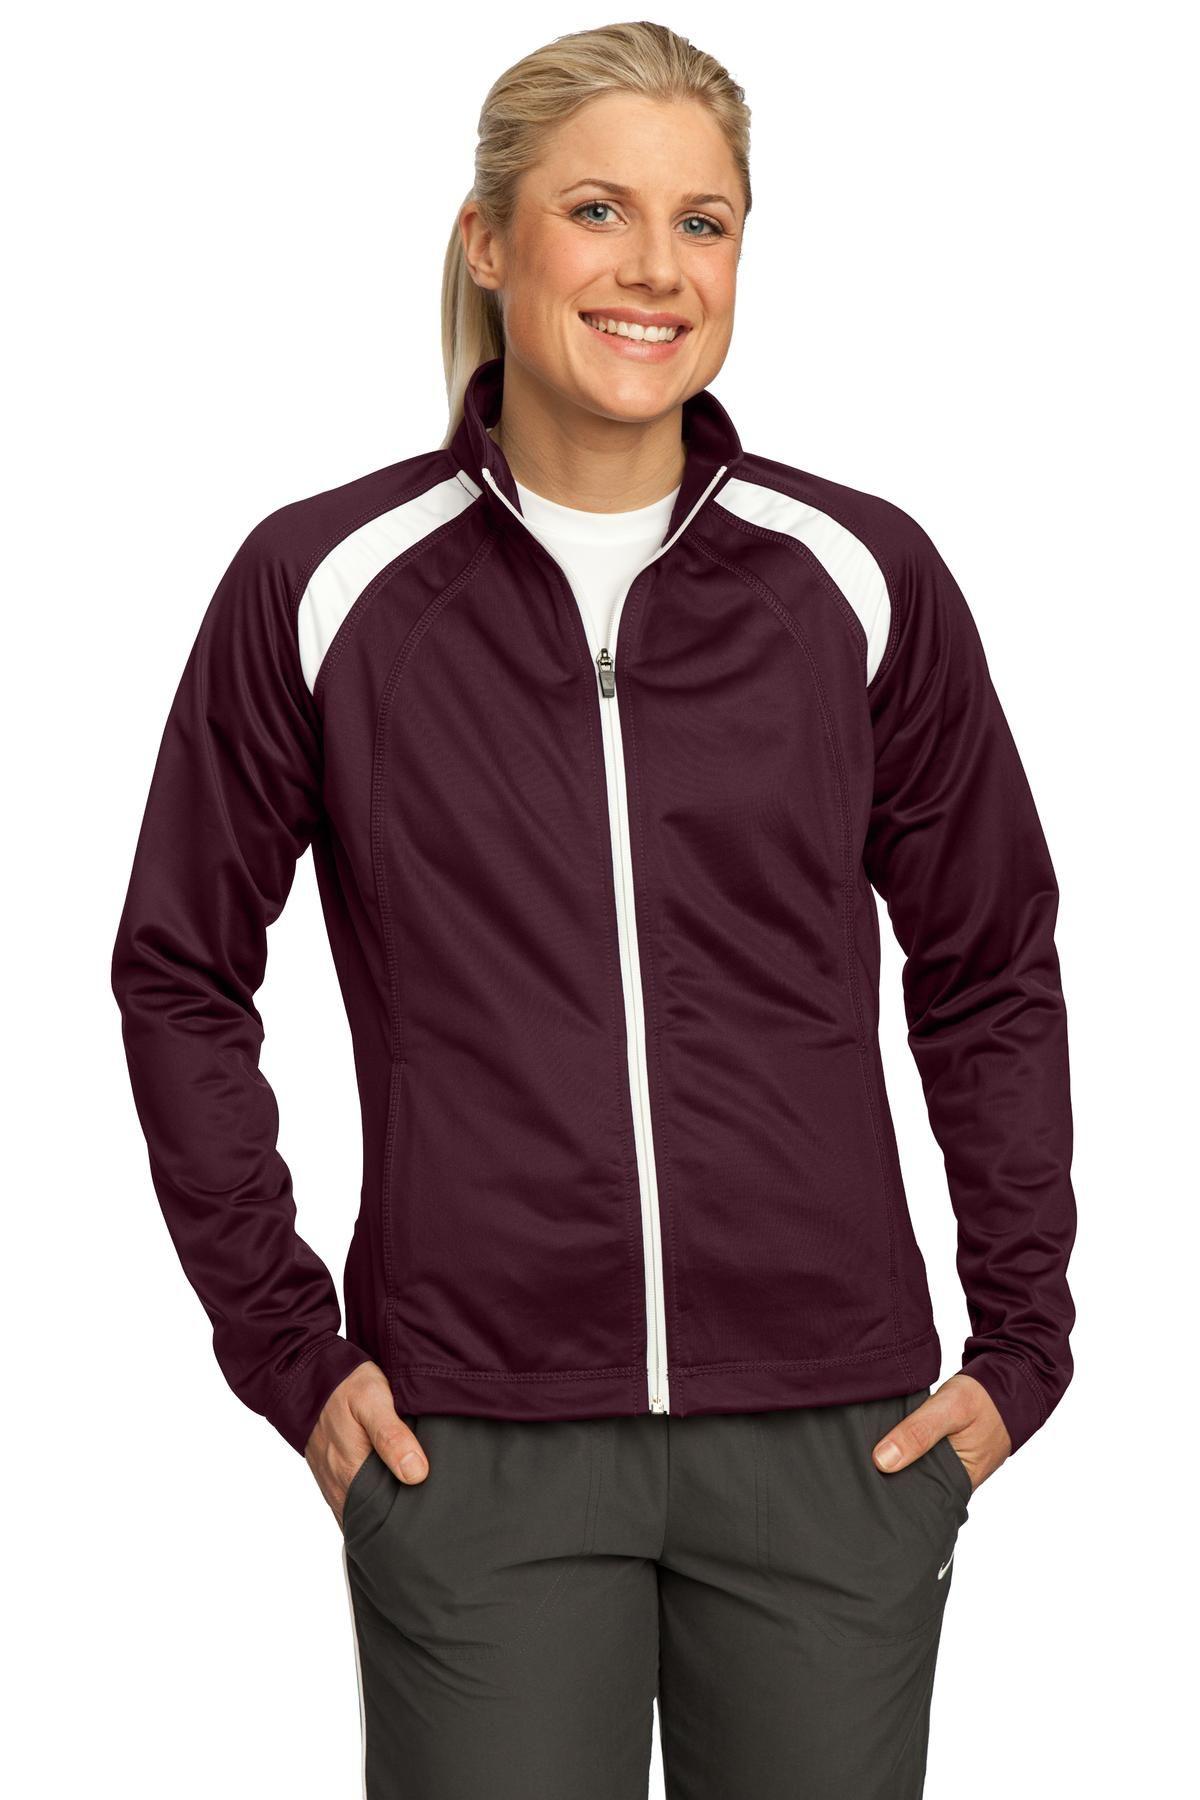 SportTek LST90 Women Tricot Track Jacket